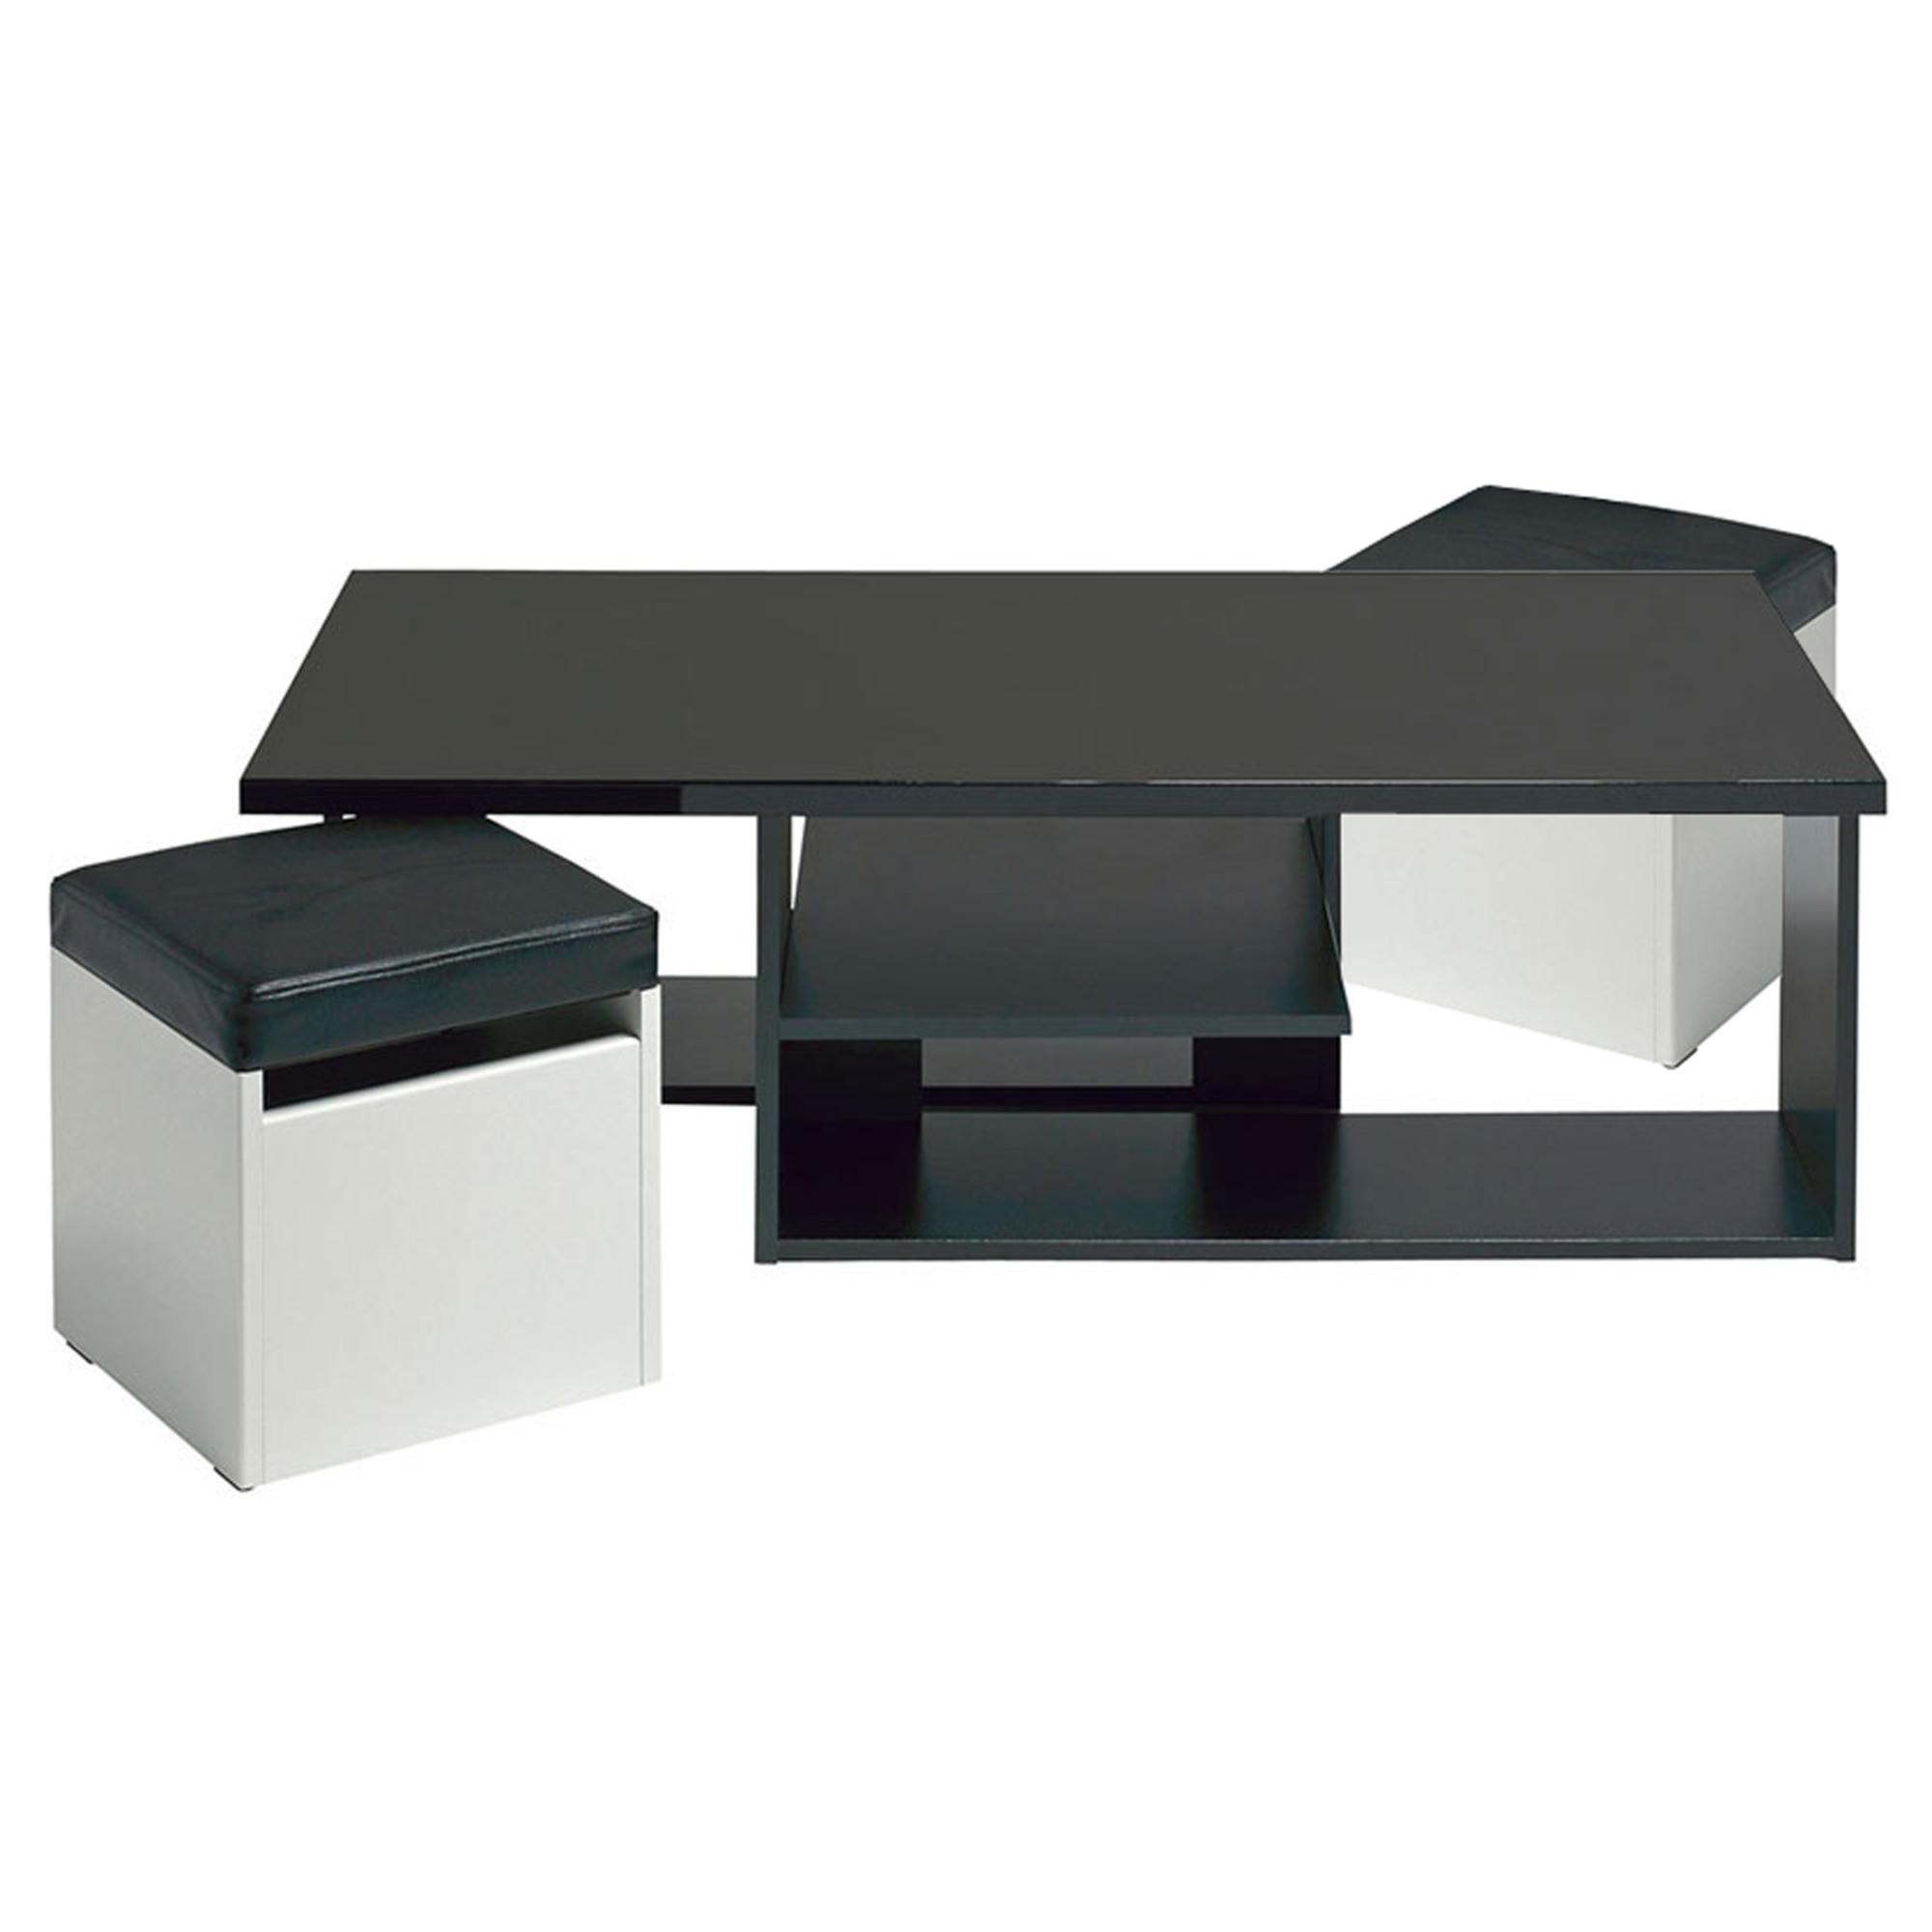 Table basse avec pouf encastrable